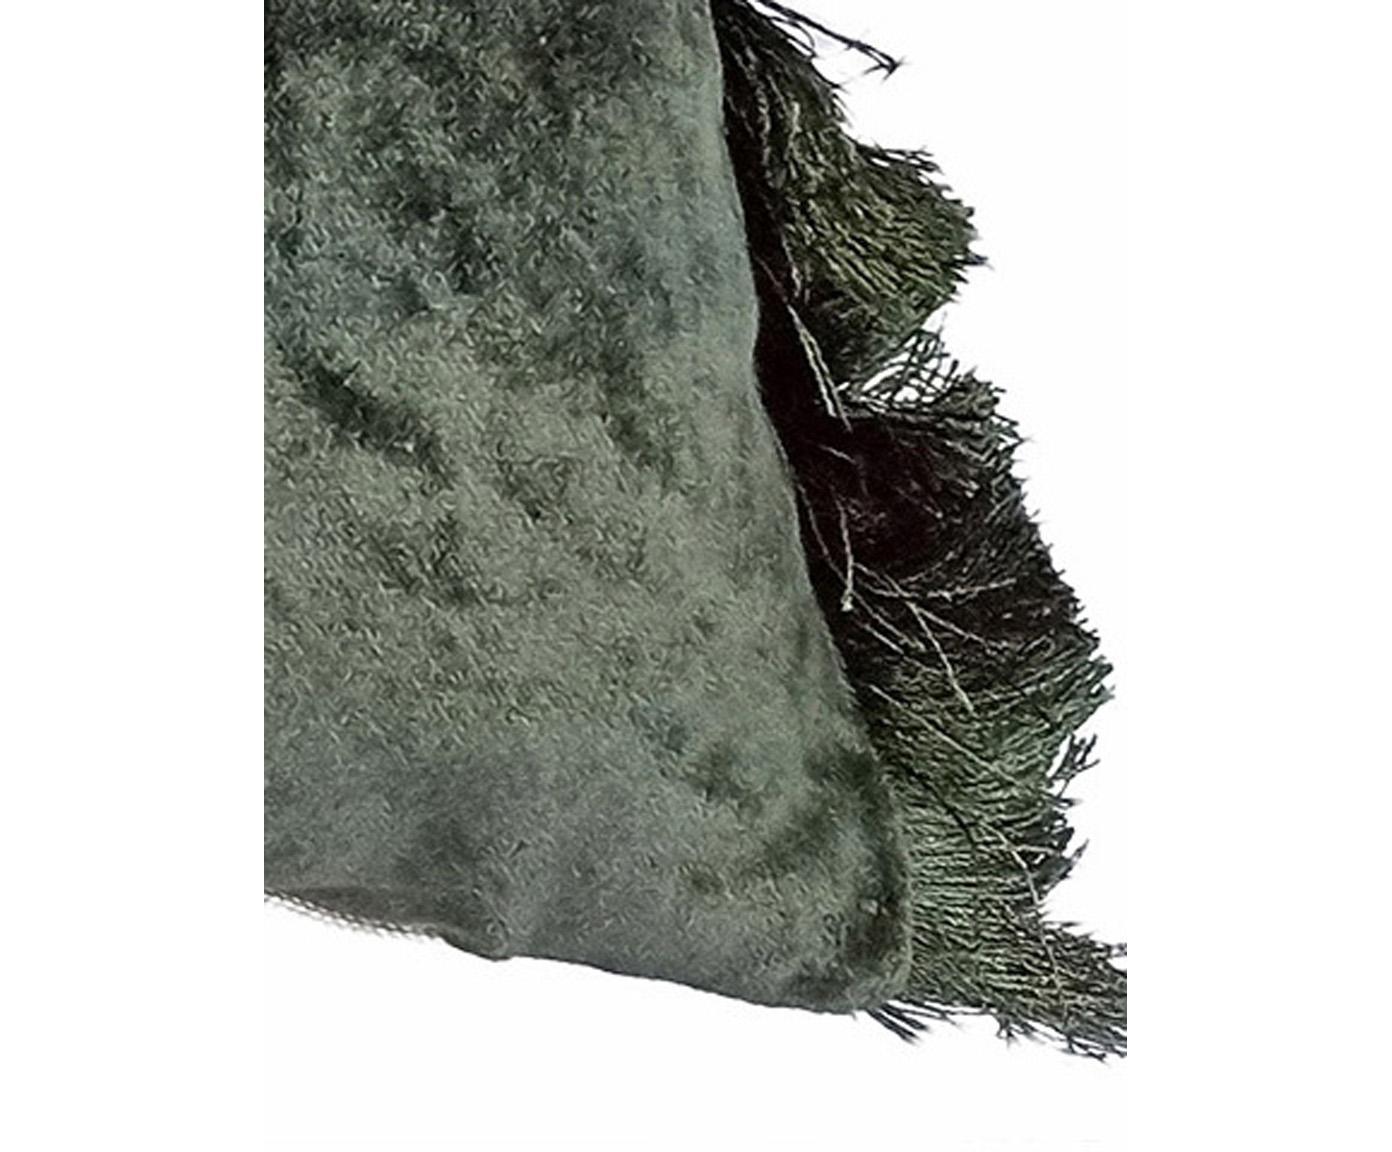 Samt-Kissen Crushed, mit Inlett, Bezug: 55% Rayon, 45% Baumwolle, Webart: Samt, Grün, 30 x 50 cm